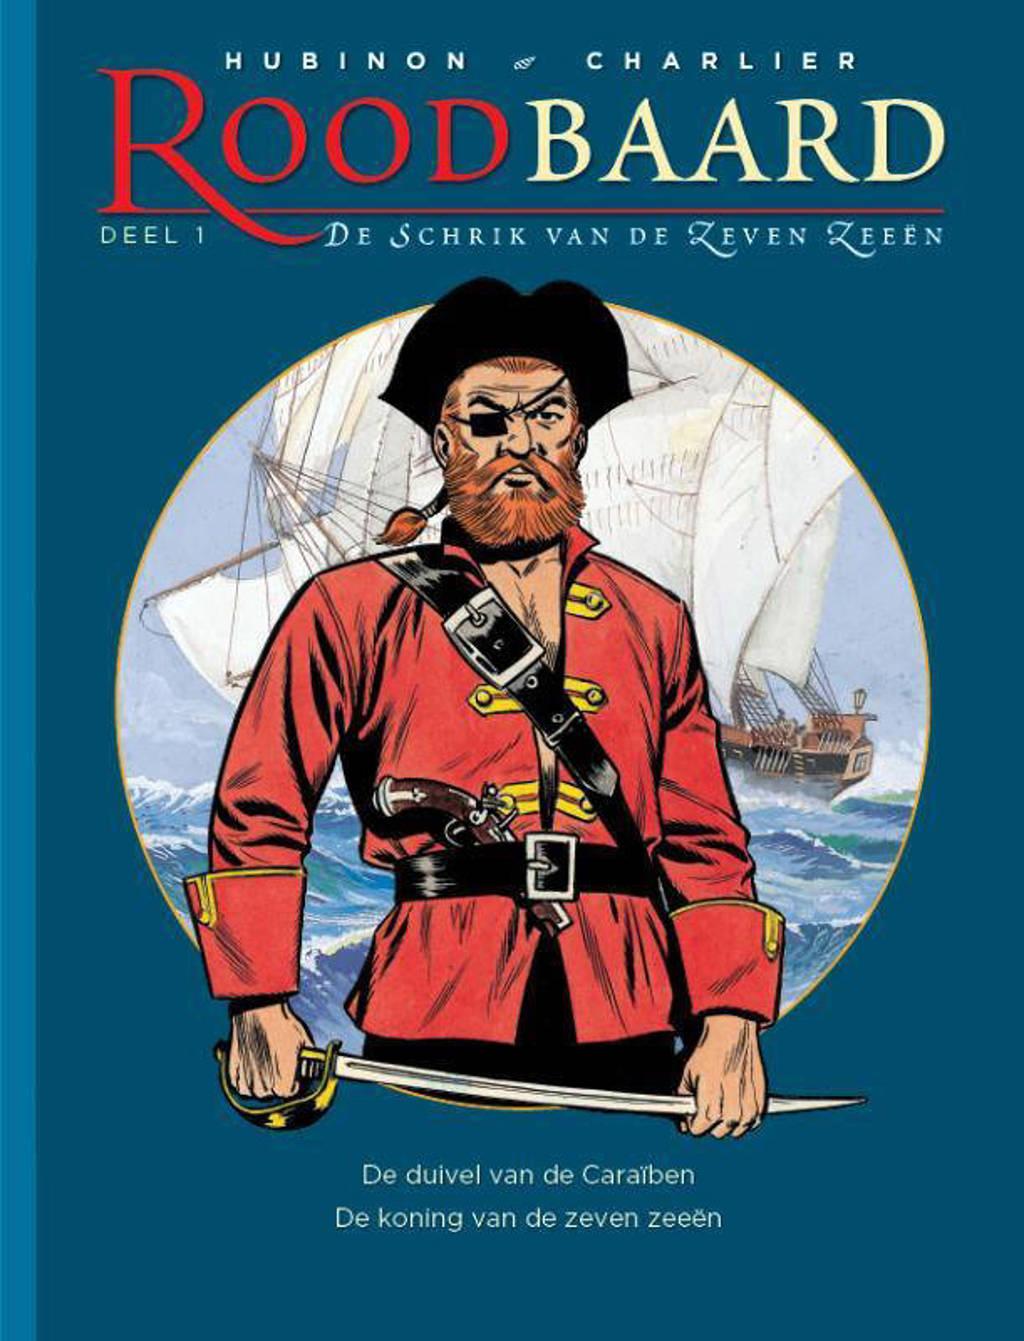 Roodbaard, de schrik van de zeven zeeën: De duivel van de Caraïben ; De koning van de zeven zeeën - Victor Hubinon en Jean-Michel Charlier